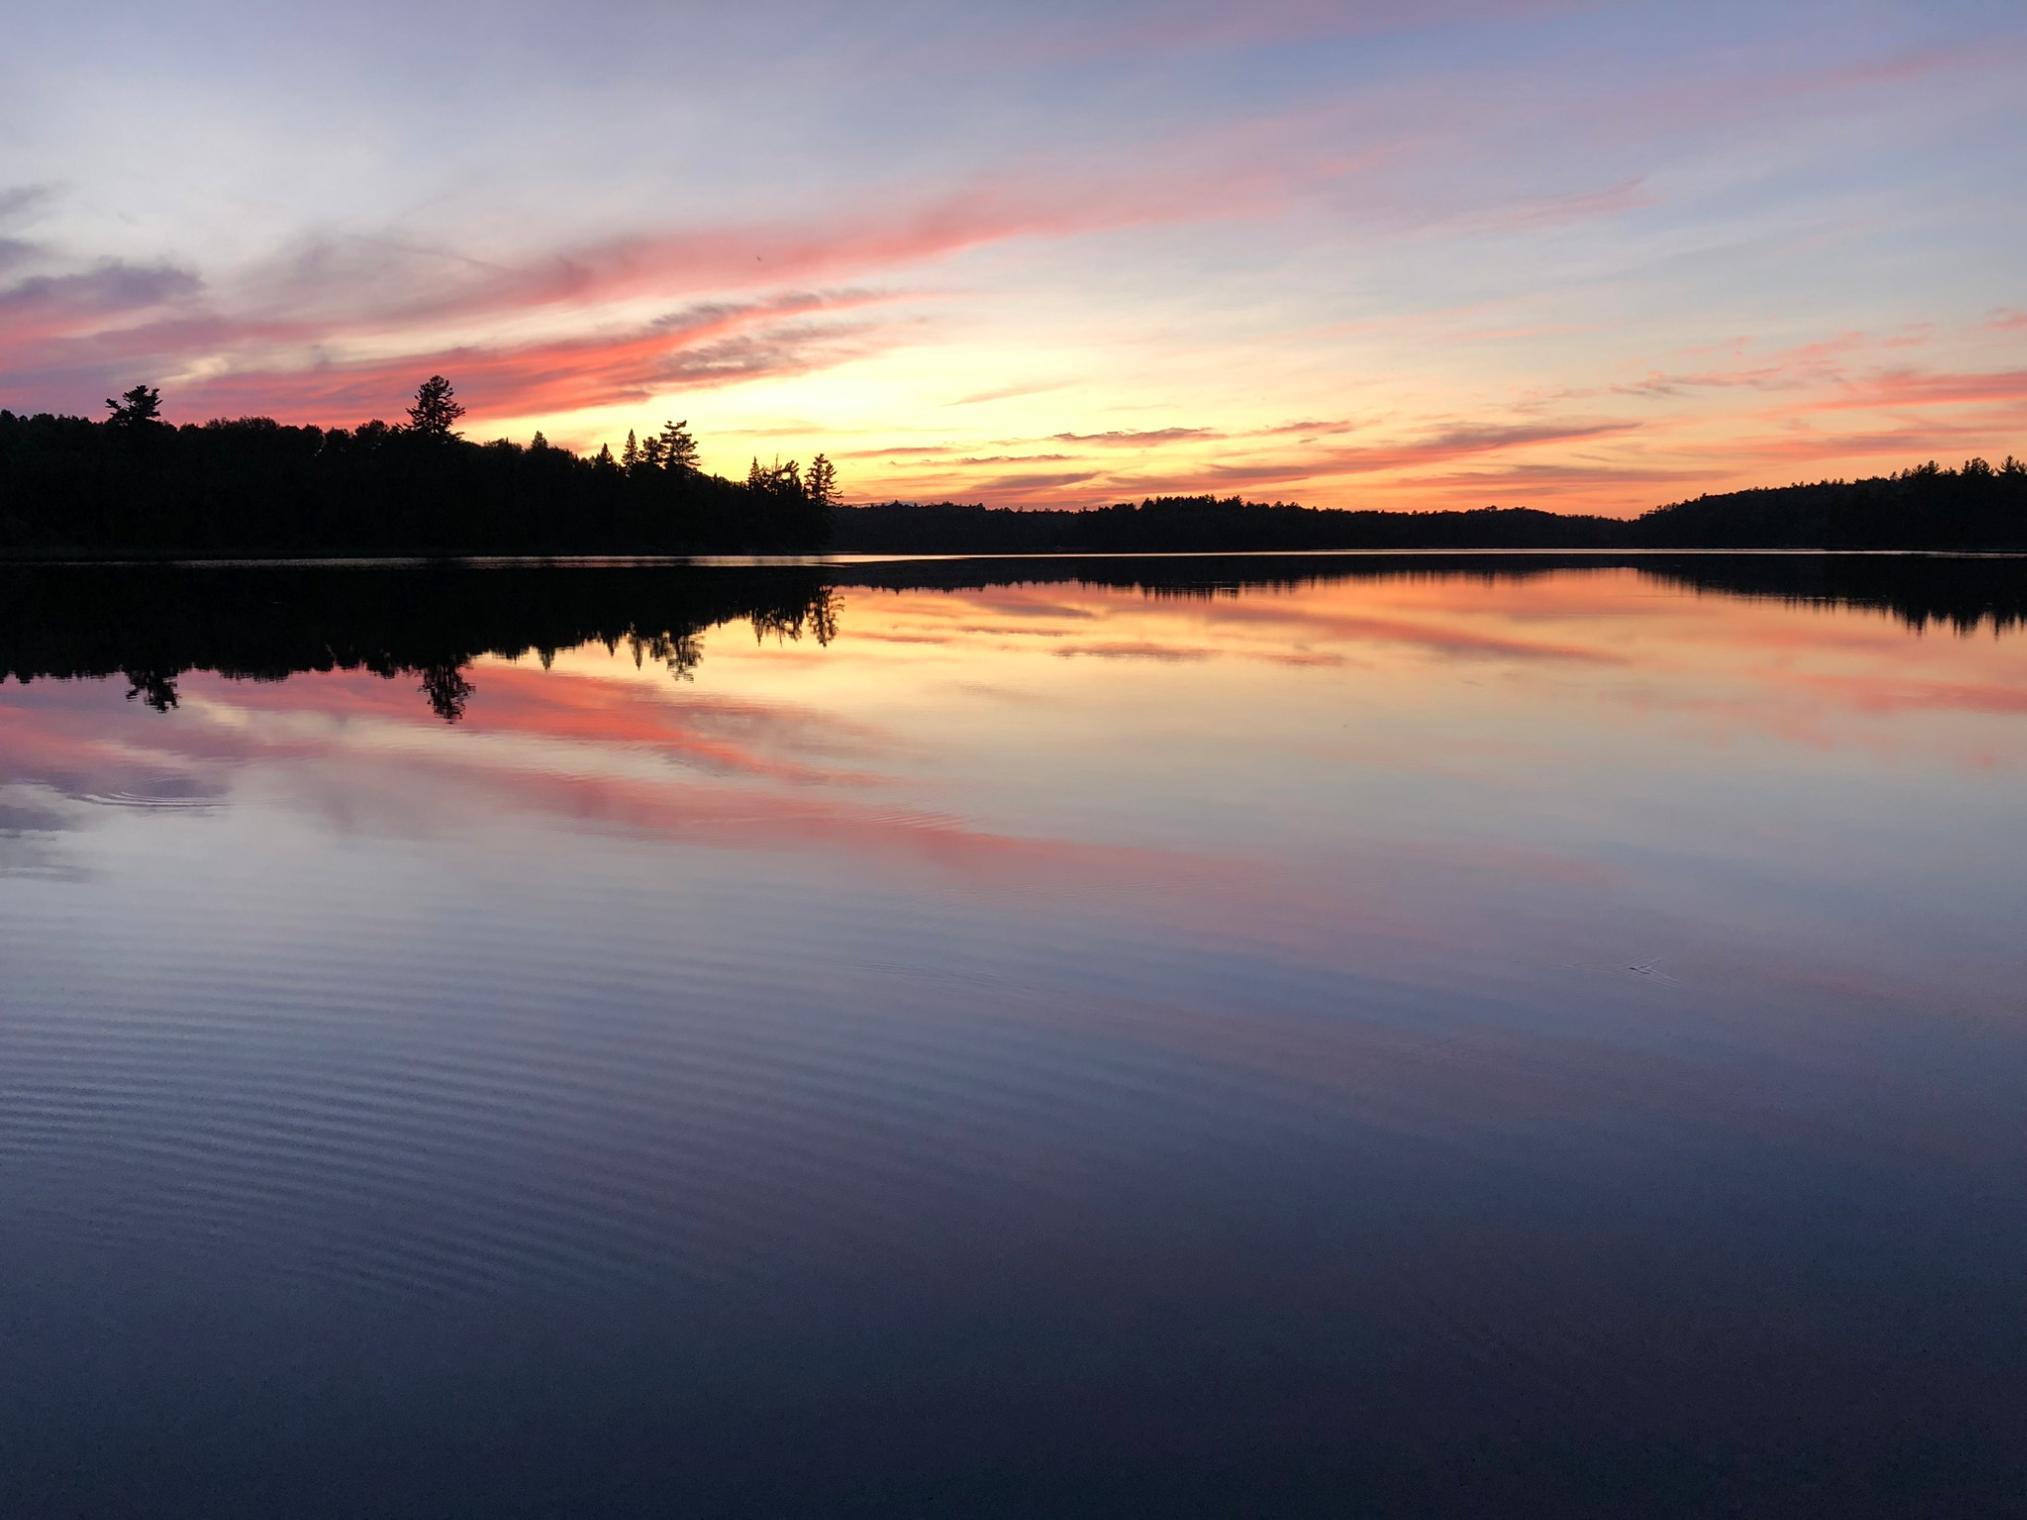 Sunset at Shell Lake